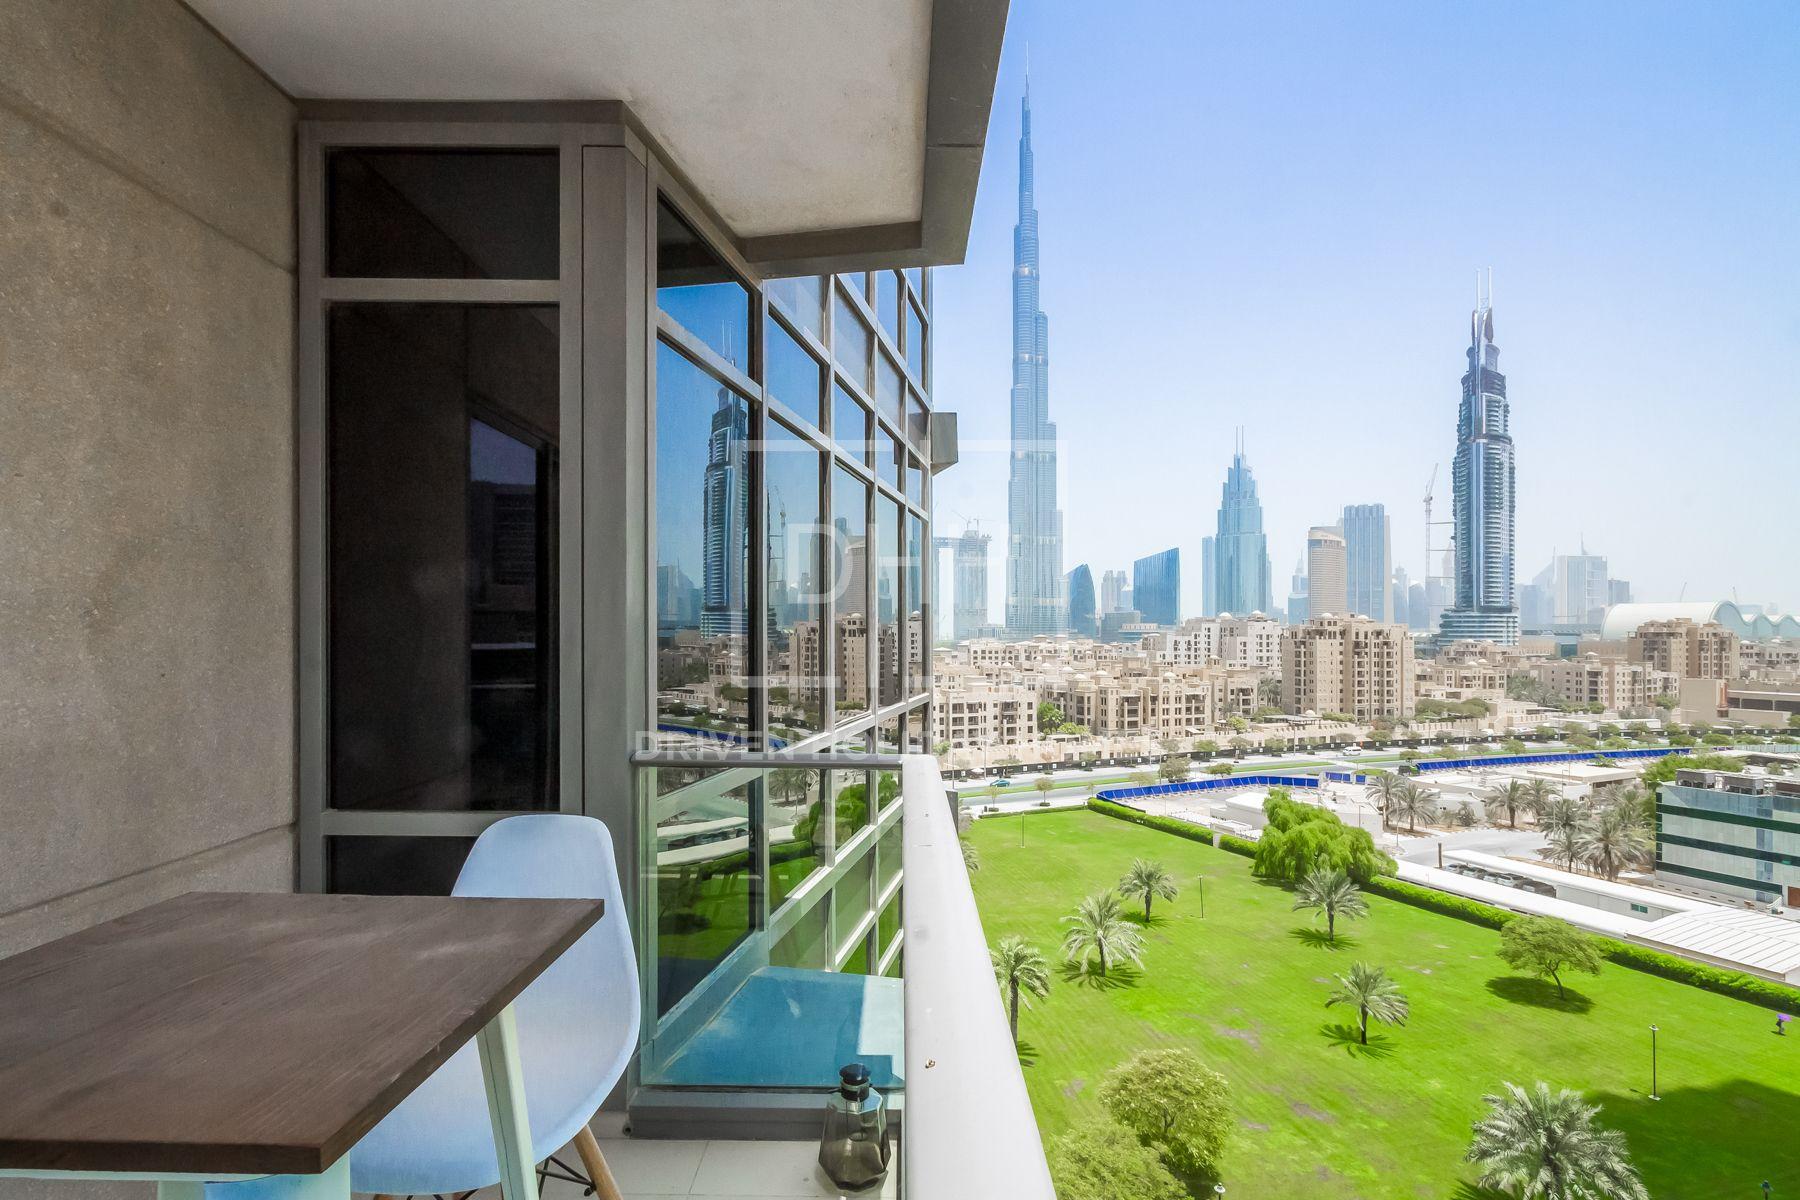 للايجار - شقة - البرج الجنوبي 4 - دبي وسط المدينة